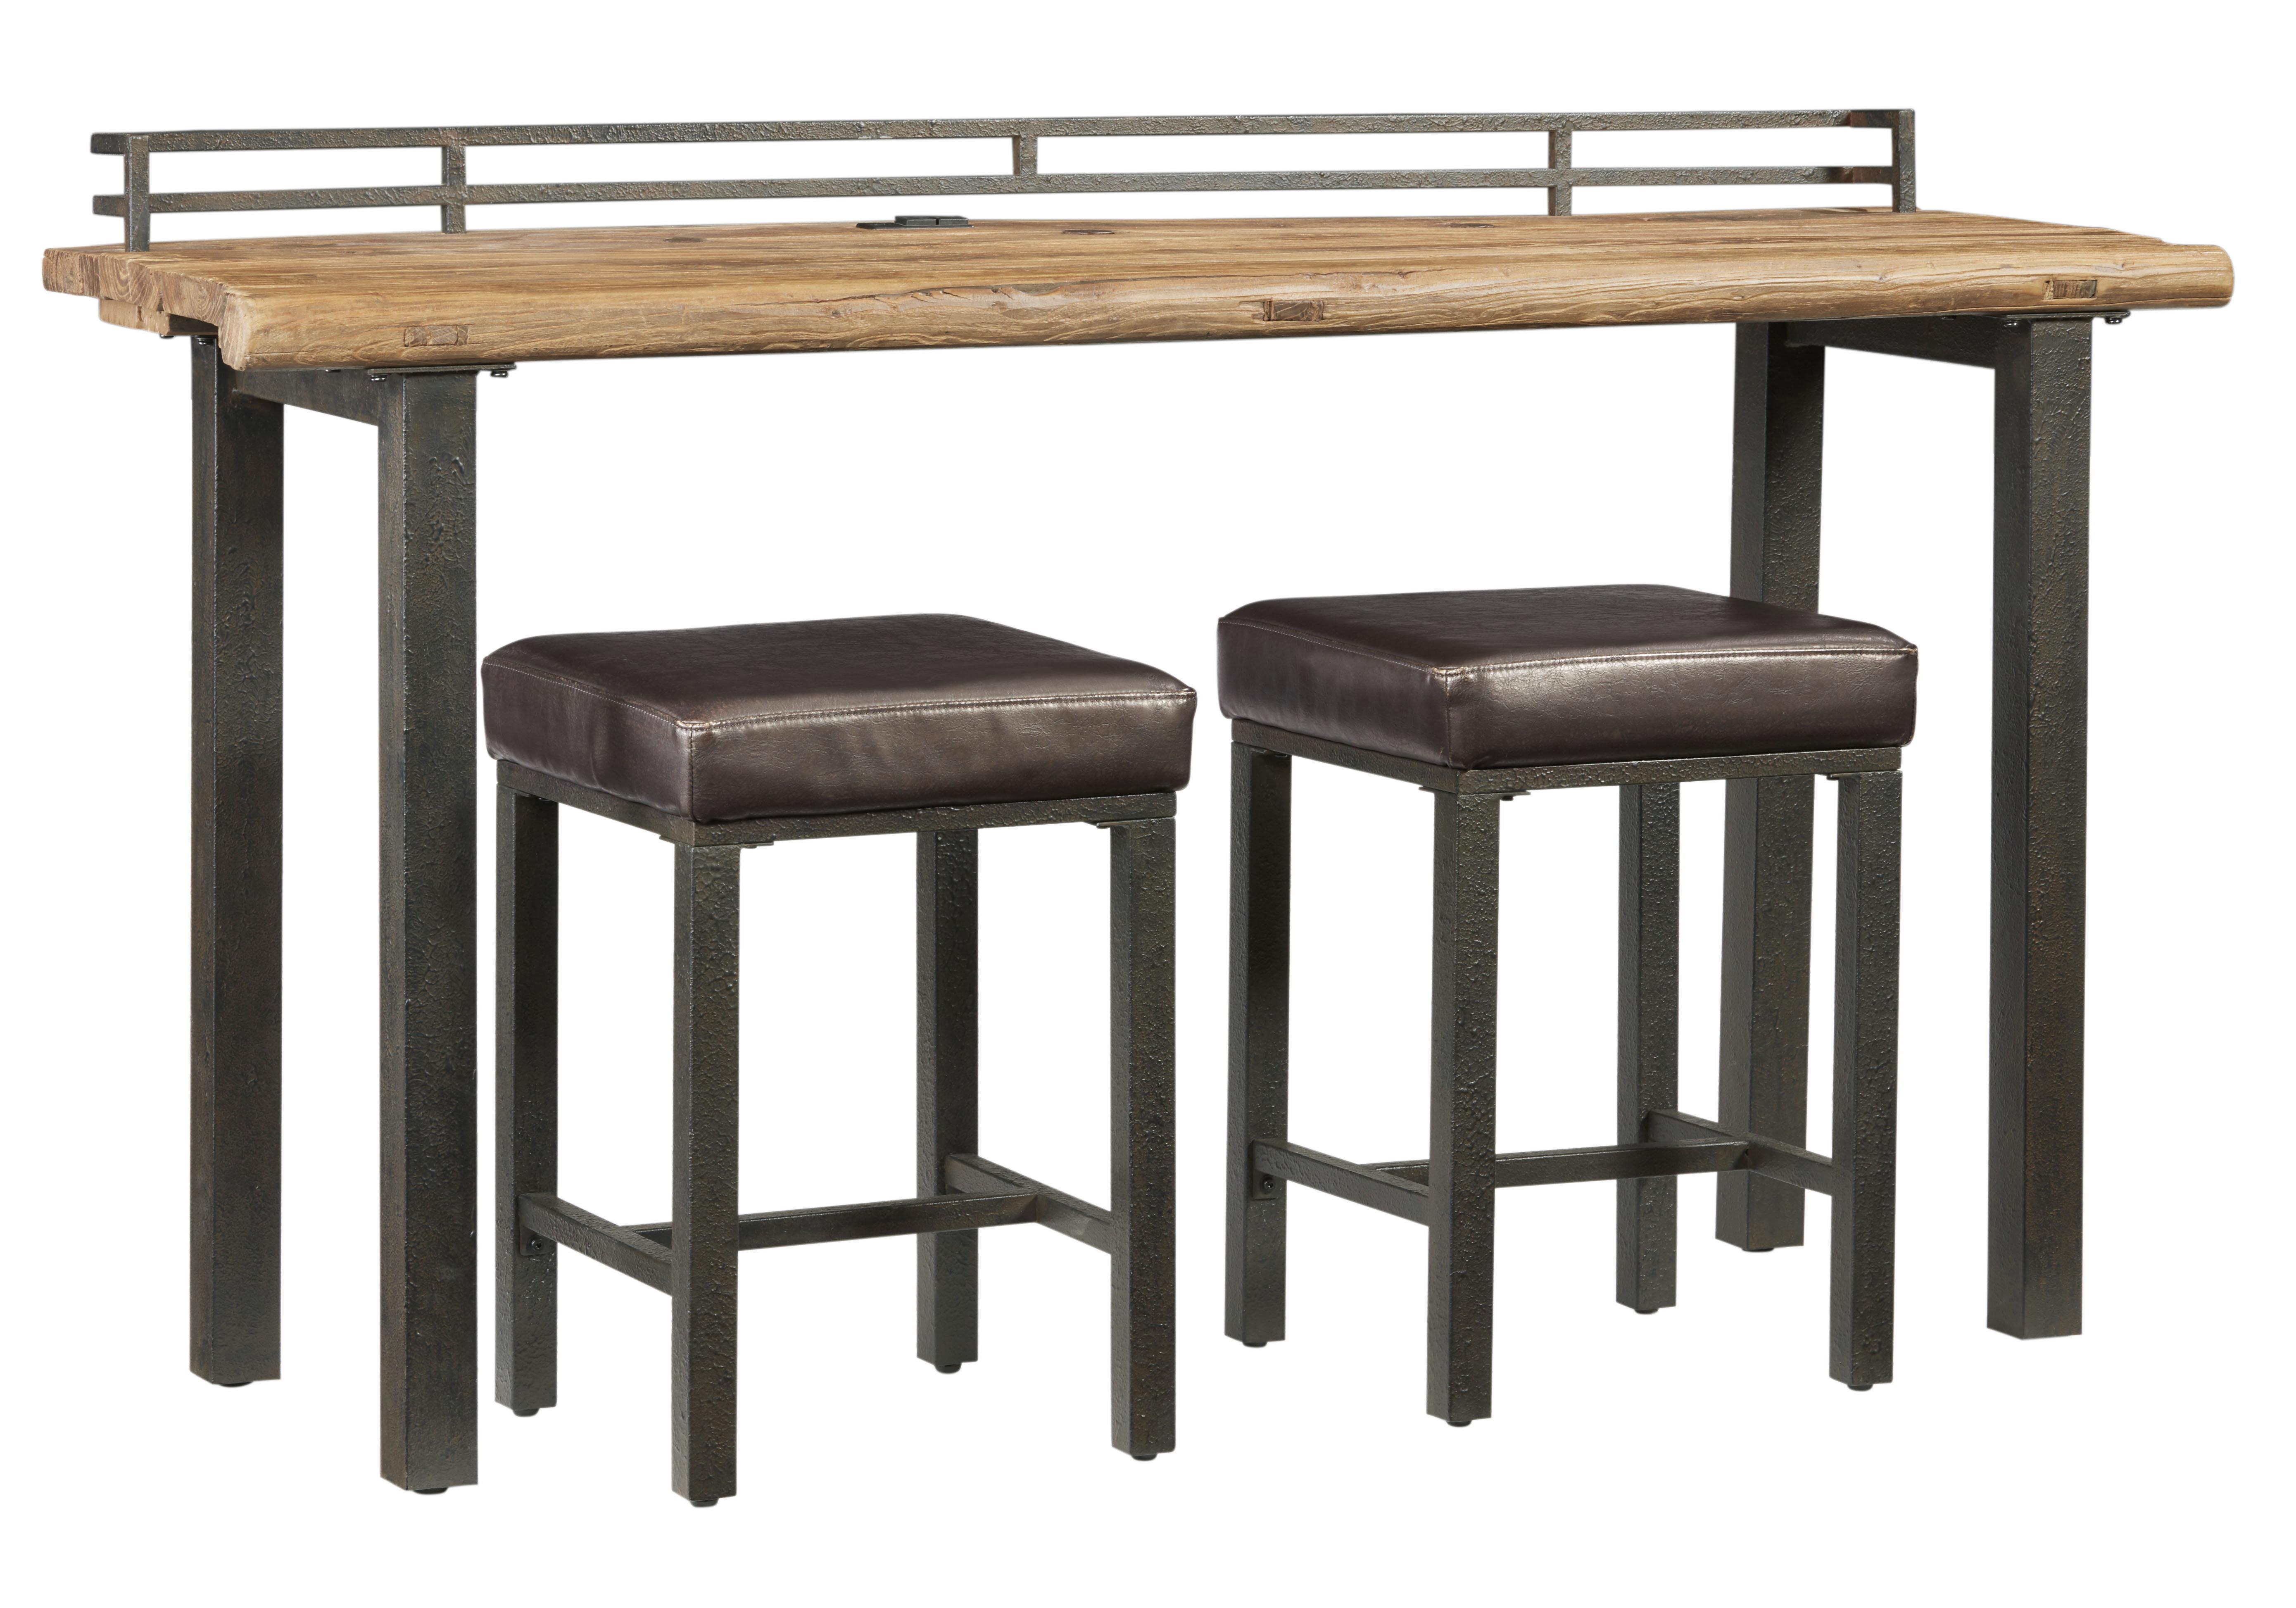 Elmore 3 Piece Pub Table Set